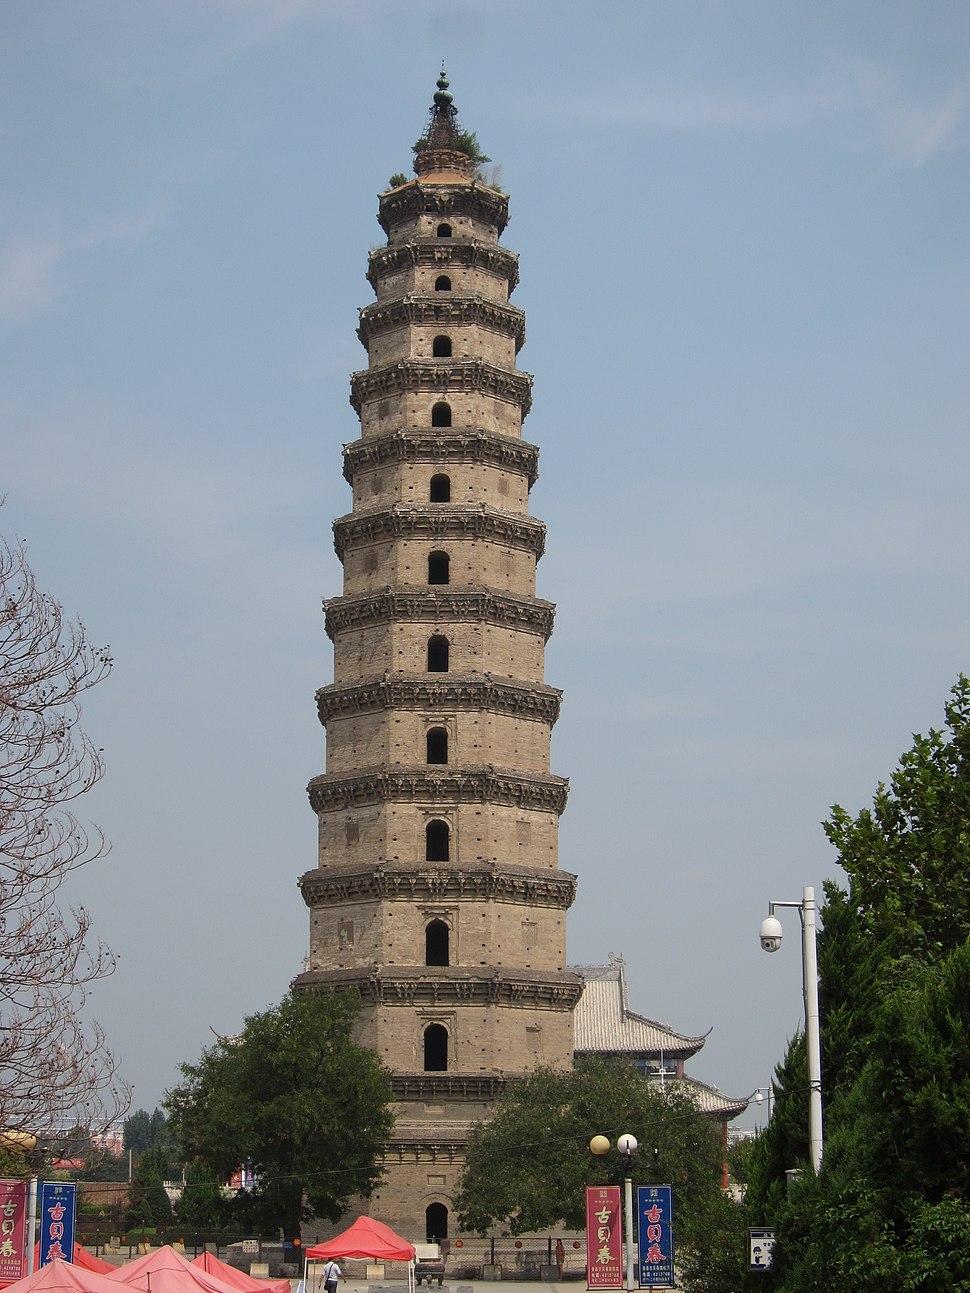 %E6%99%AF%E5%B7%9E%E5%A1%94 Jingzhou Pagoda